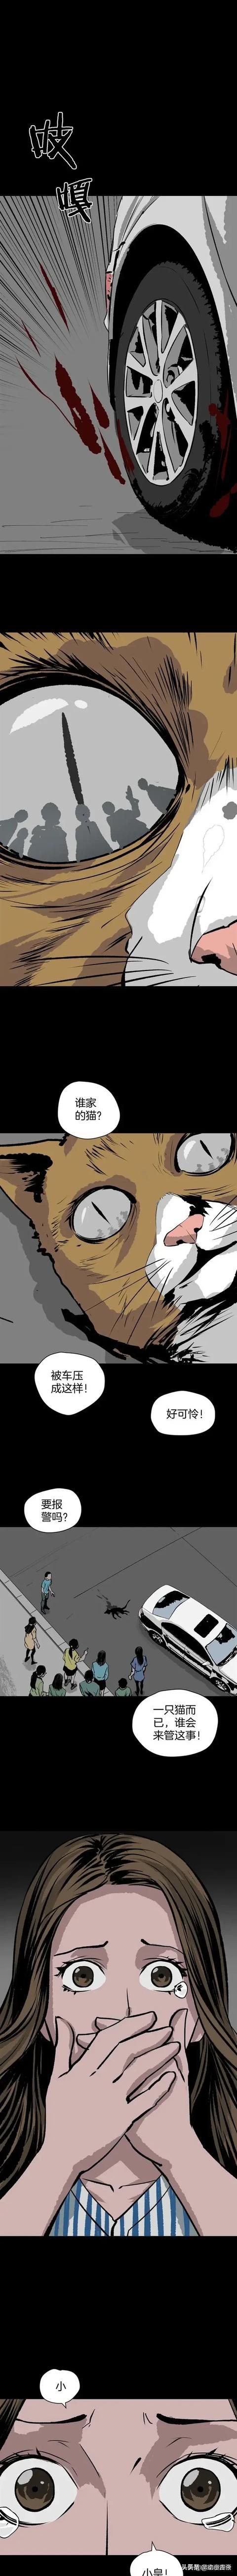 【漫画】人性漫画类,免费看阿衰漫画书